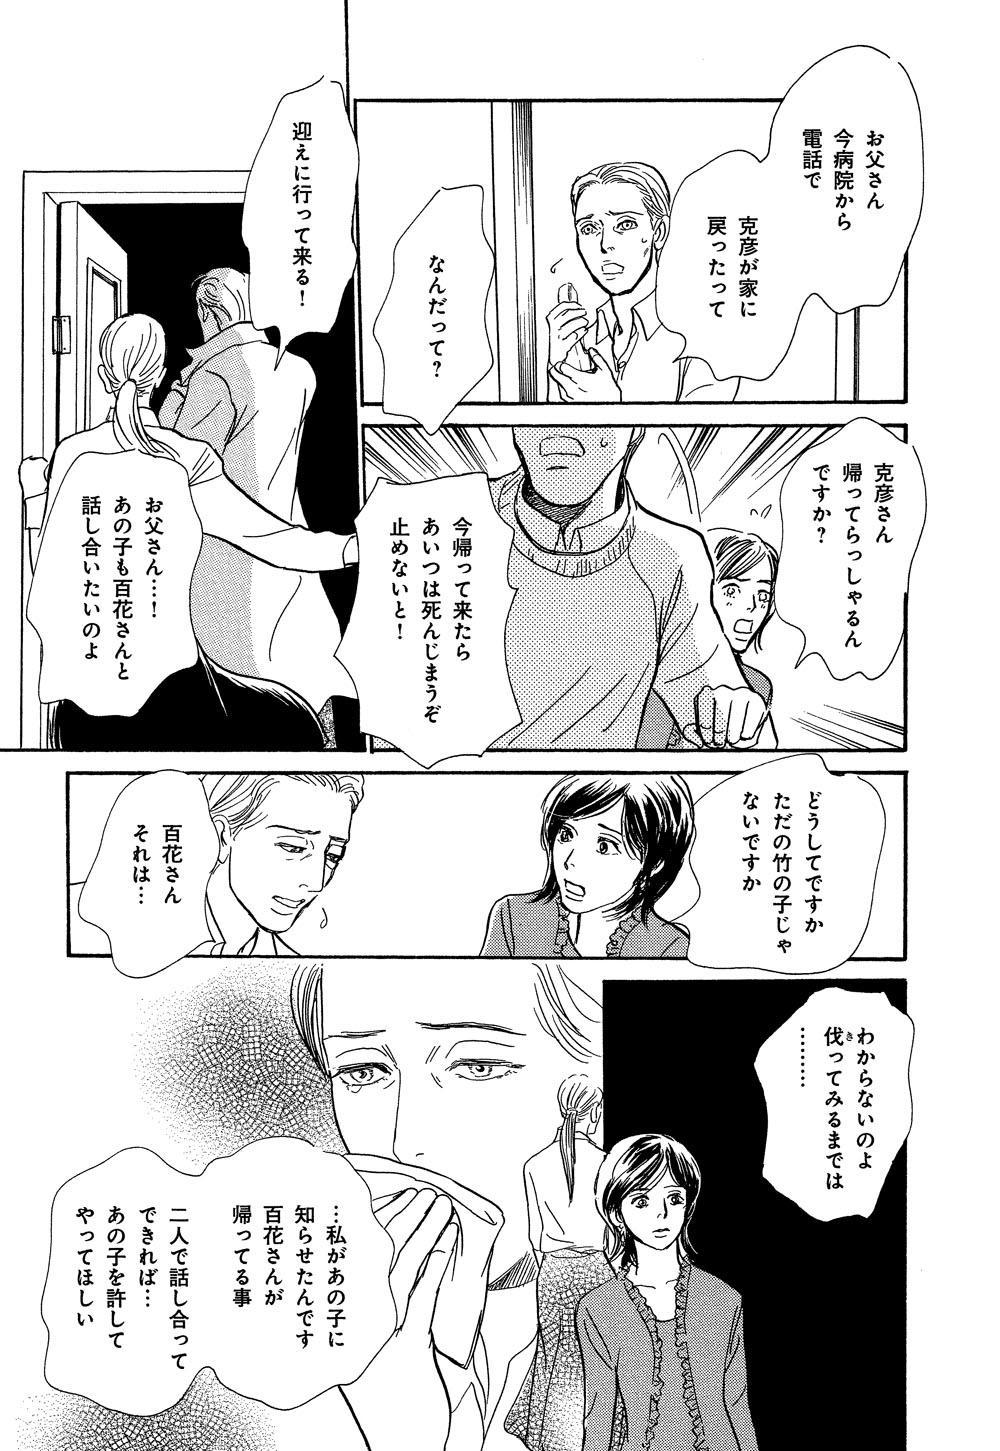 hyakki_0021_0041.jpg